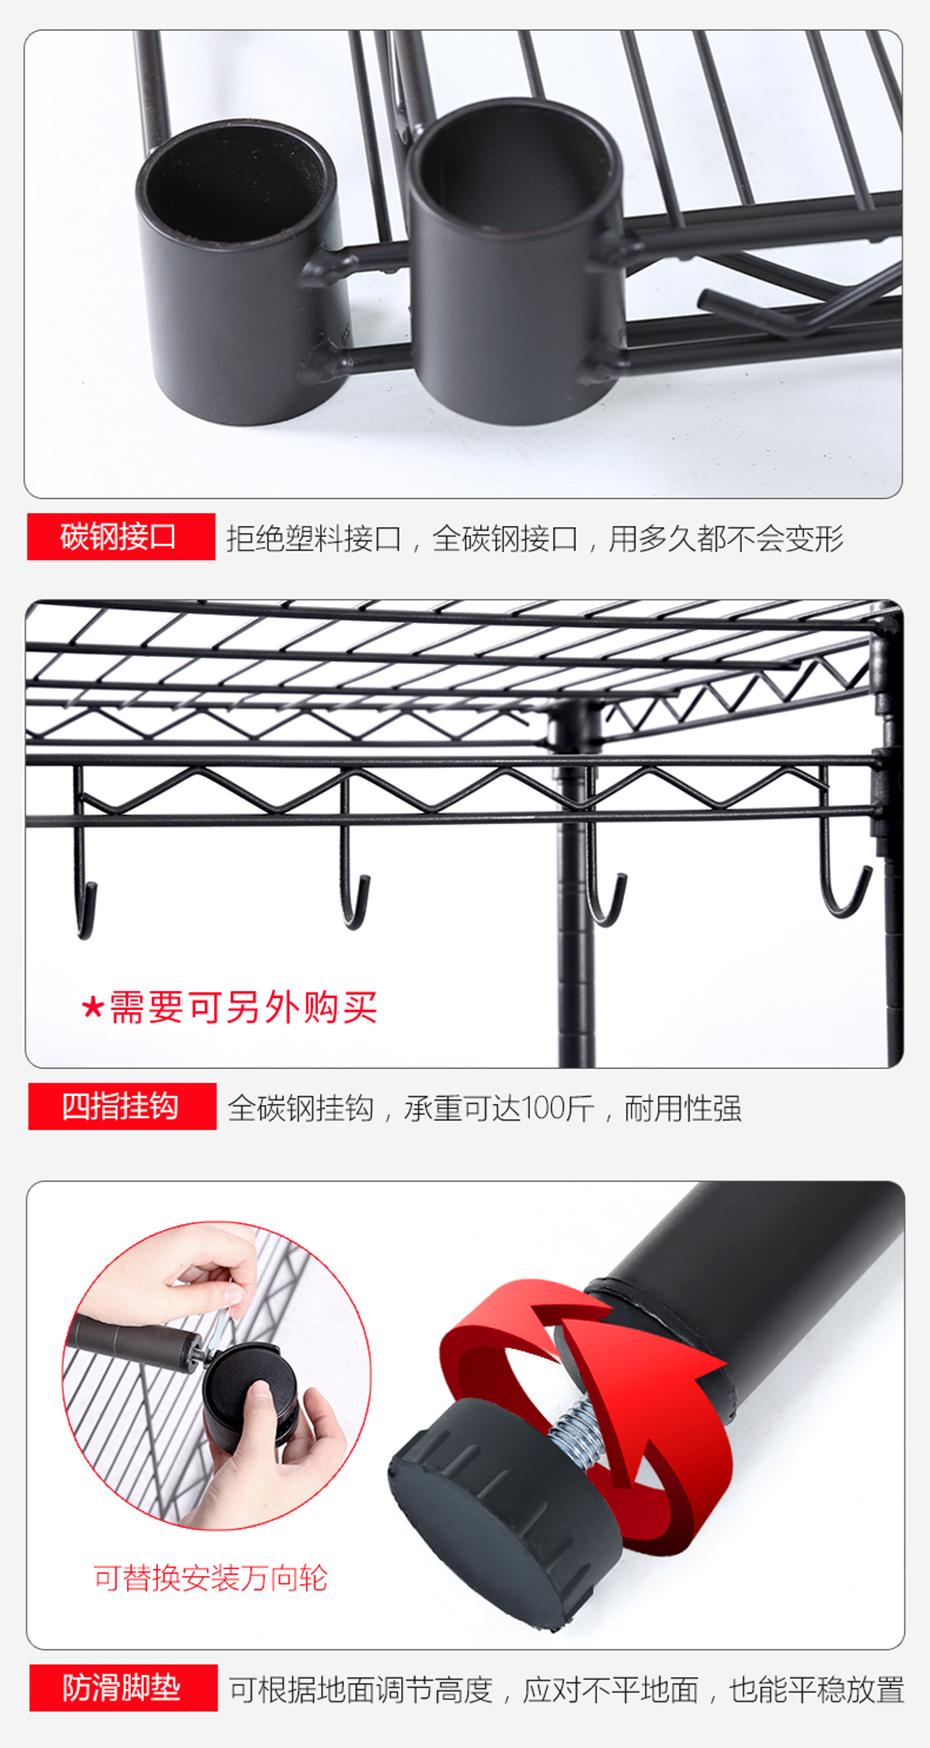 简约现代黑色烤漆碳钢衣橱架挂衣架带布罩金属衣柜-川井 (3)